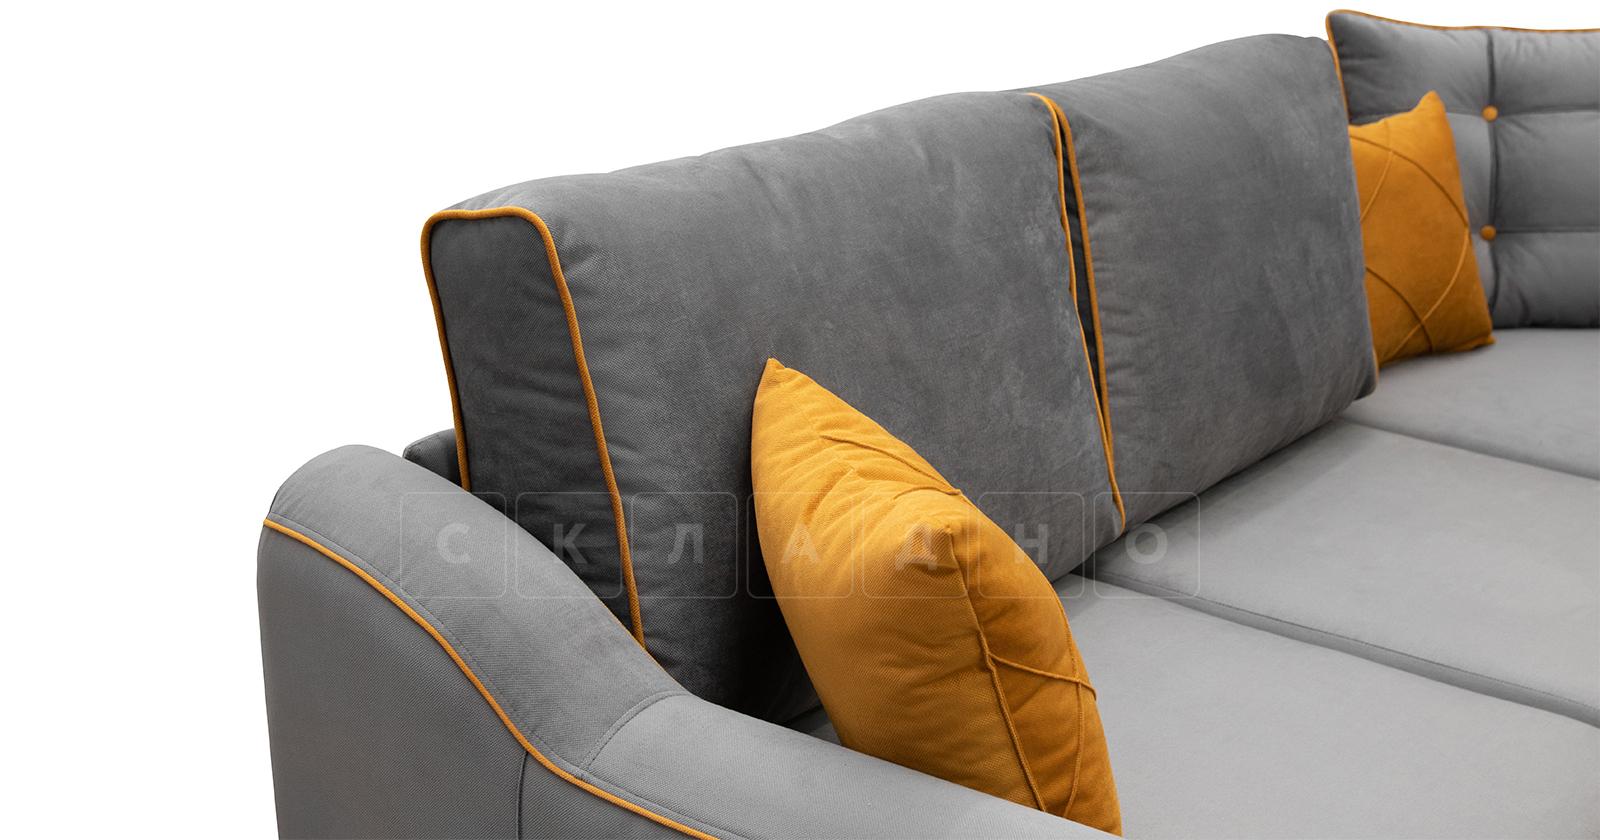 Диван-кровать угловой Флэтфорд кварцевый серый фото 13   интернет-магазин Складно